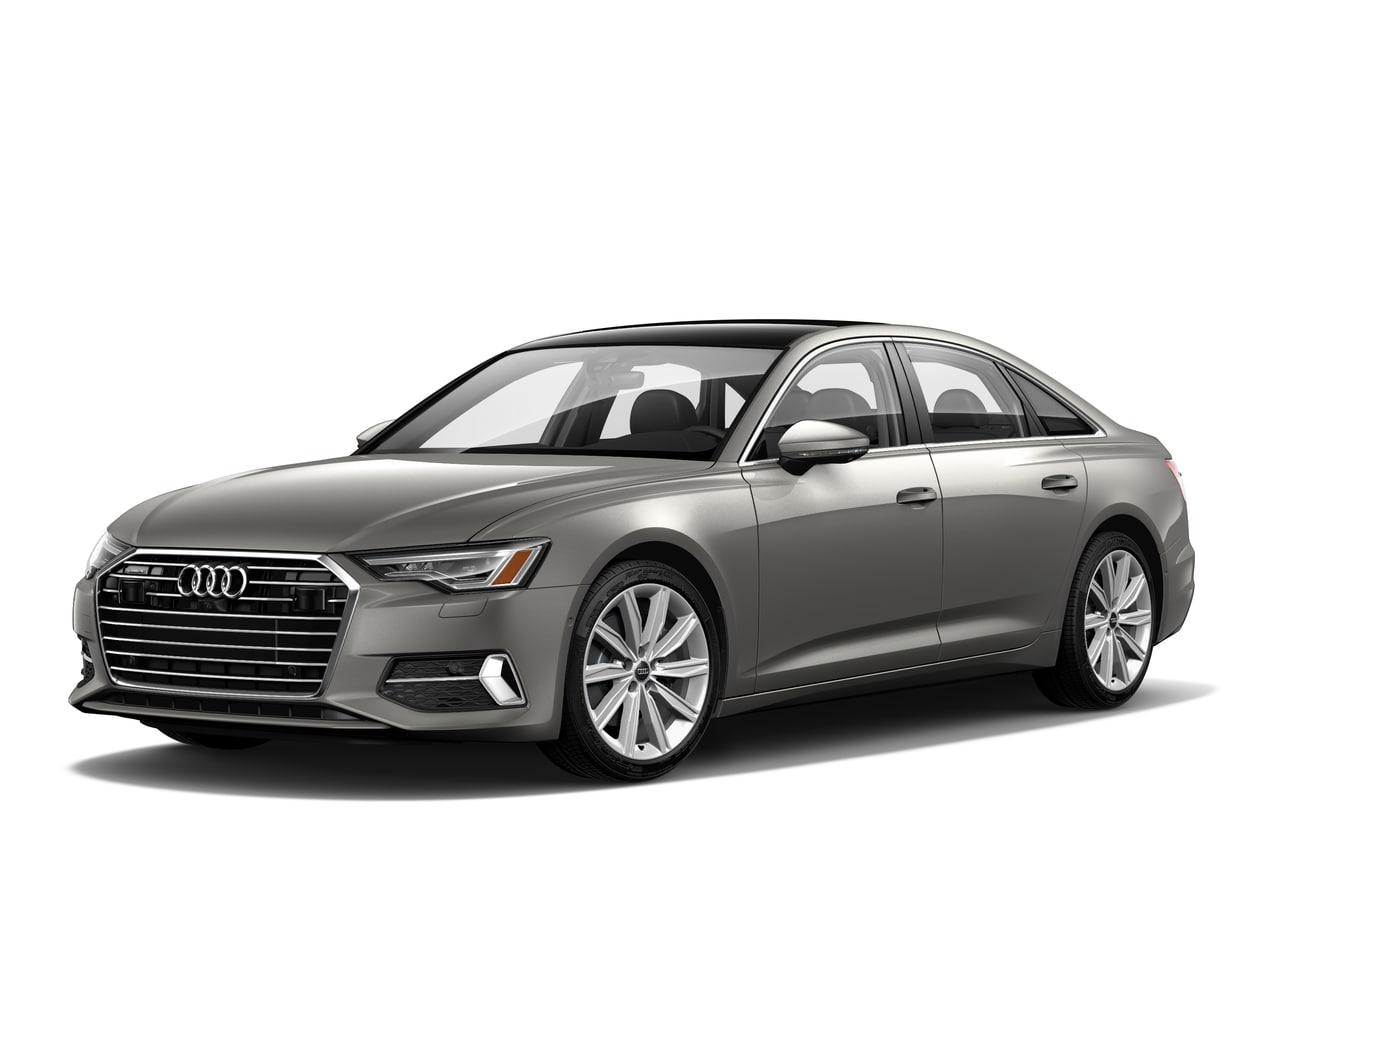 2020 Audi A6 Premium Plus 45 TFSI quattro